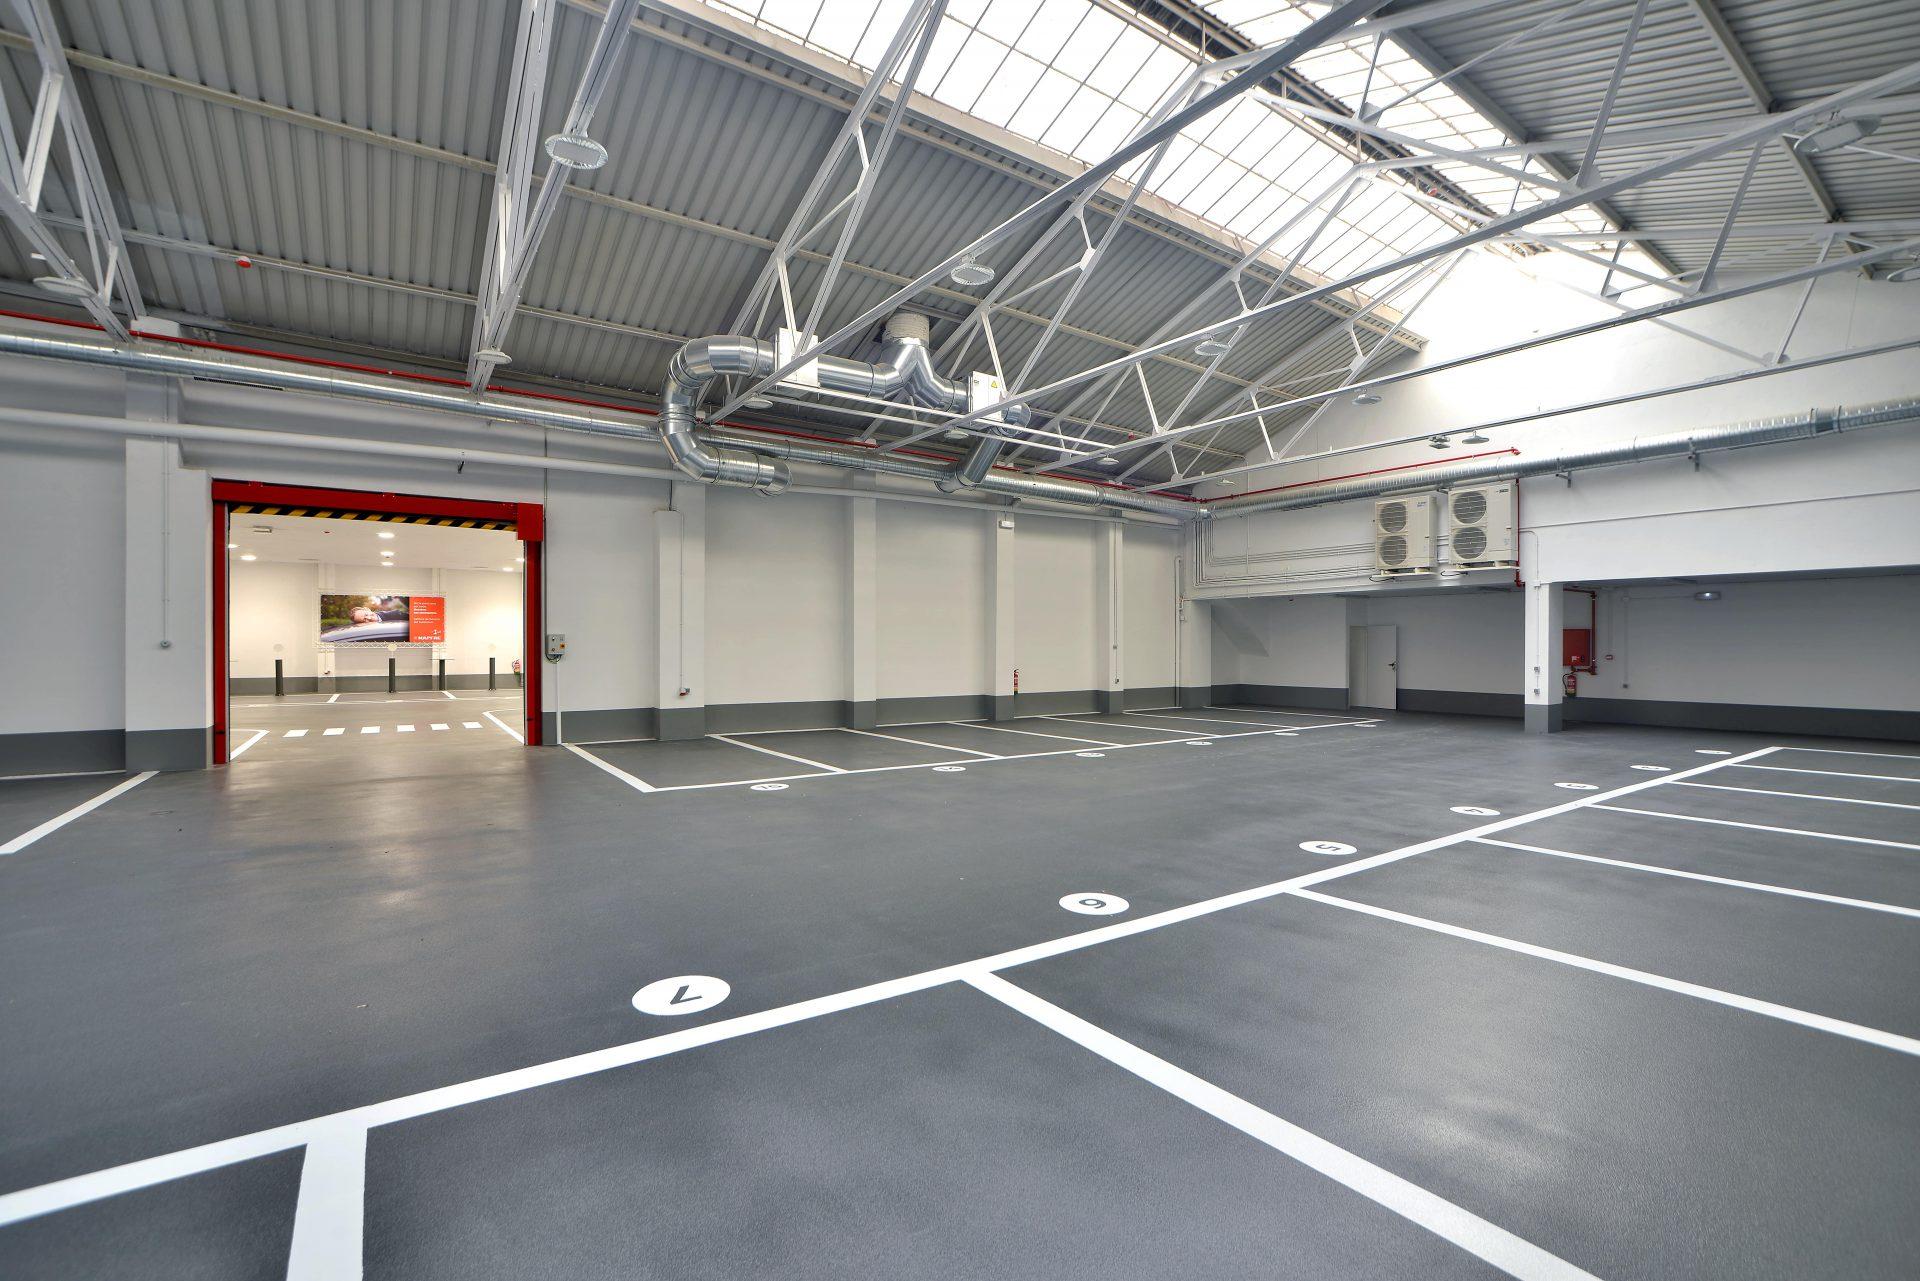 Ámplio parking para el Servicio al Automóvil de Mapfre